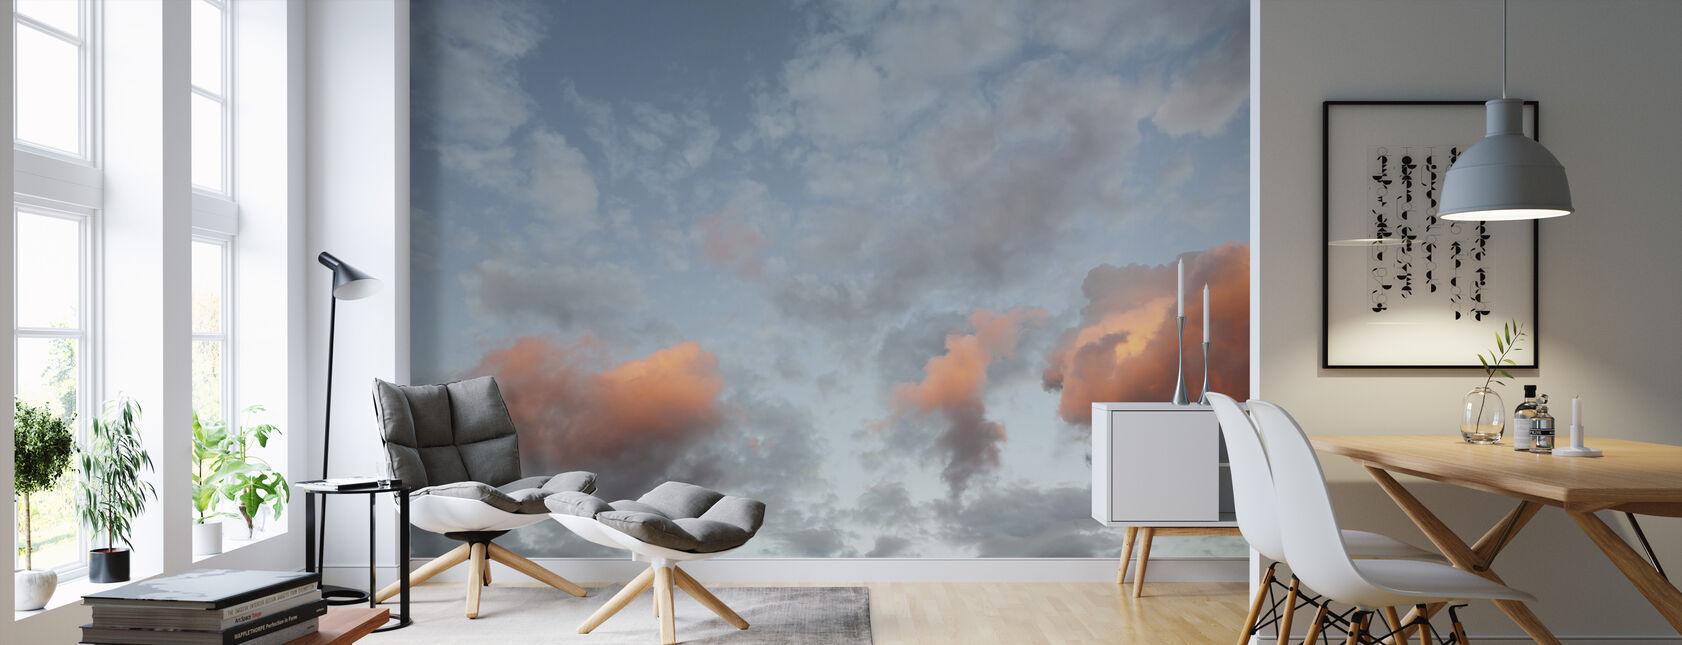 Pilvet ja taivas - Tapetti - Olohuone